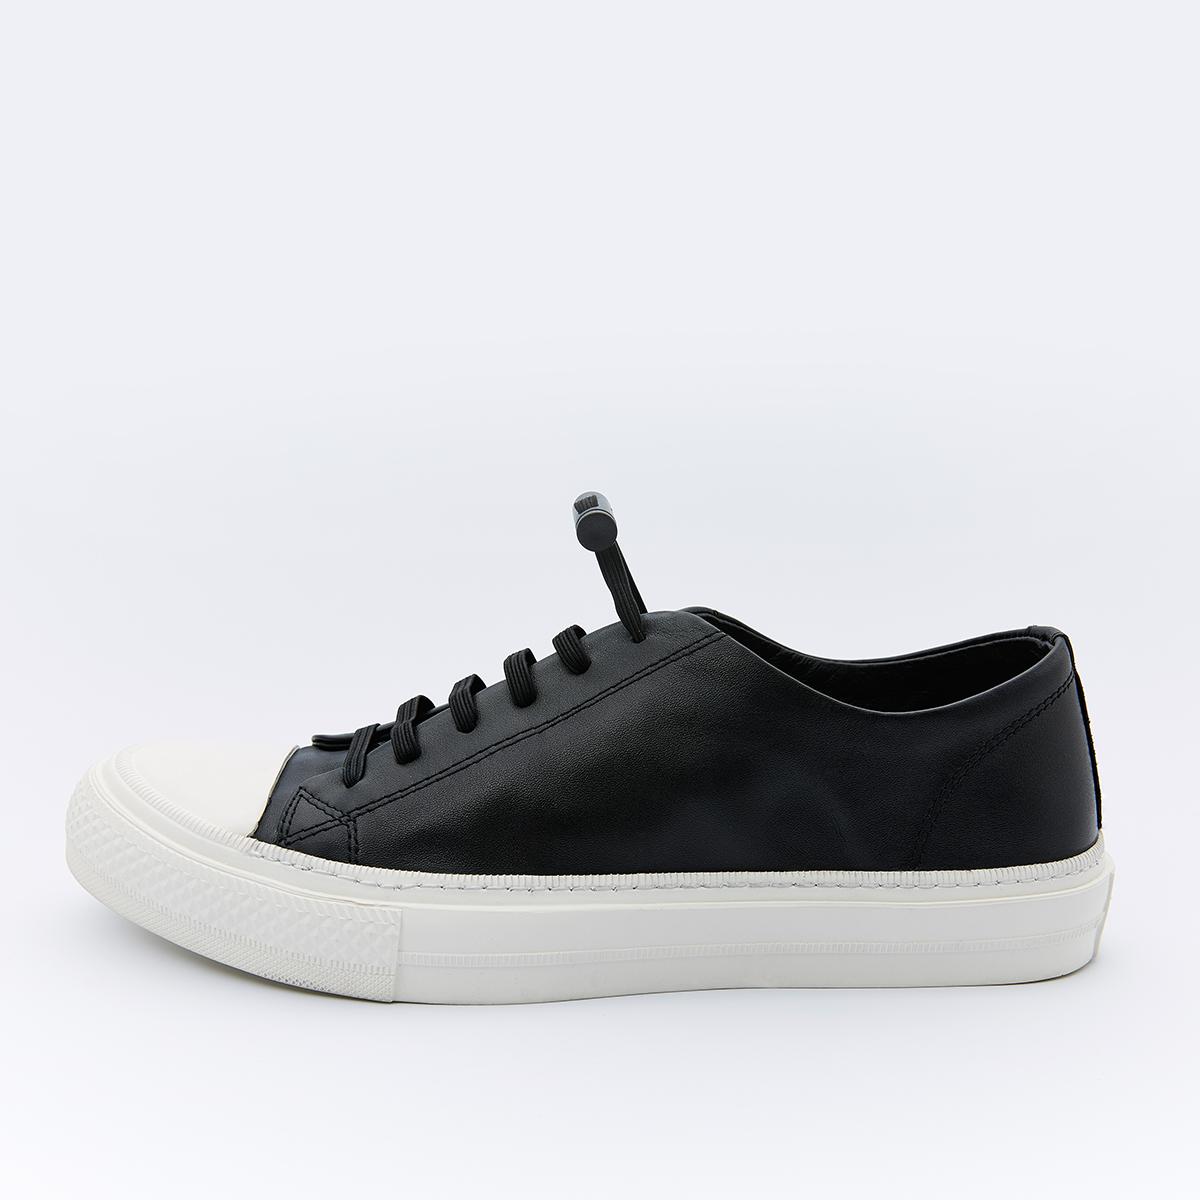 夏季男鞋潮韩版